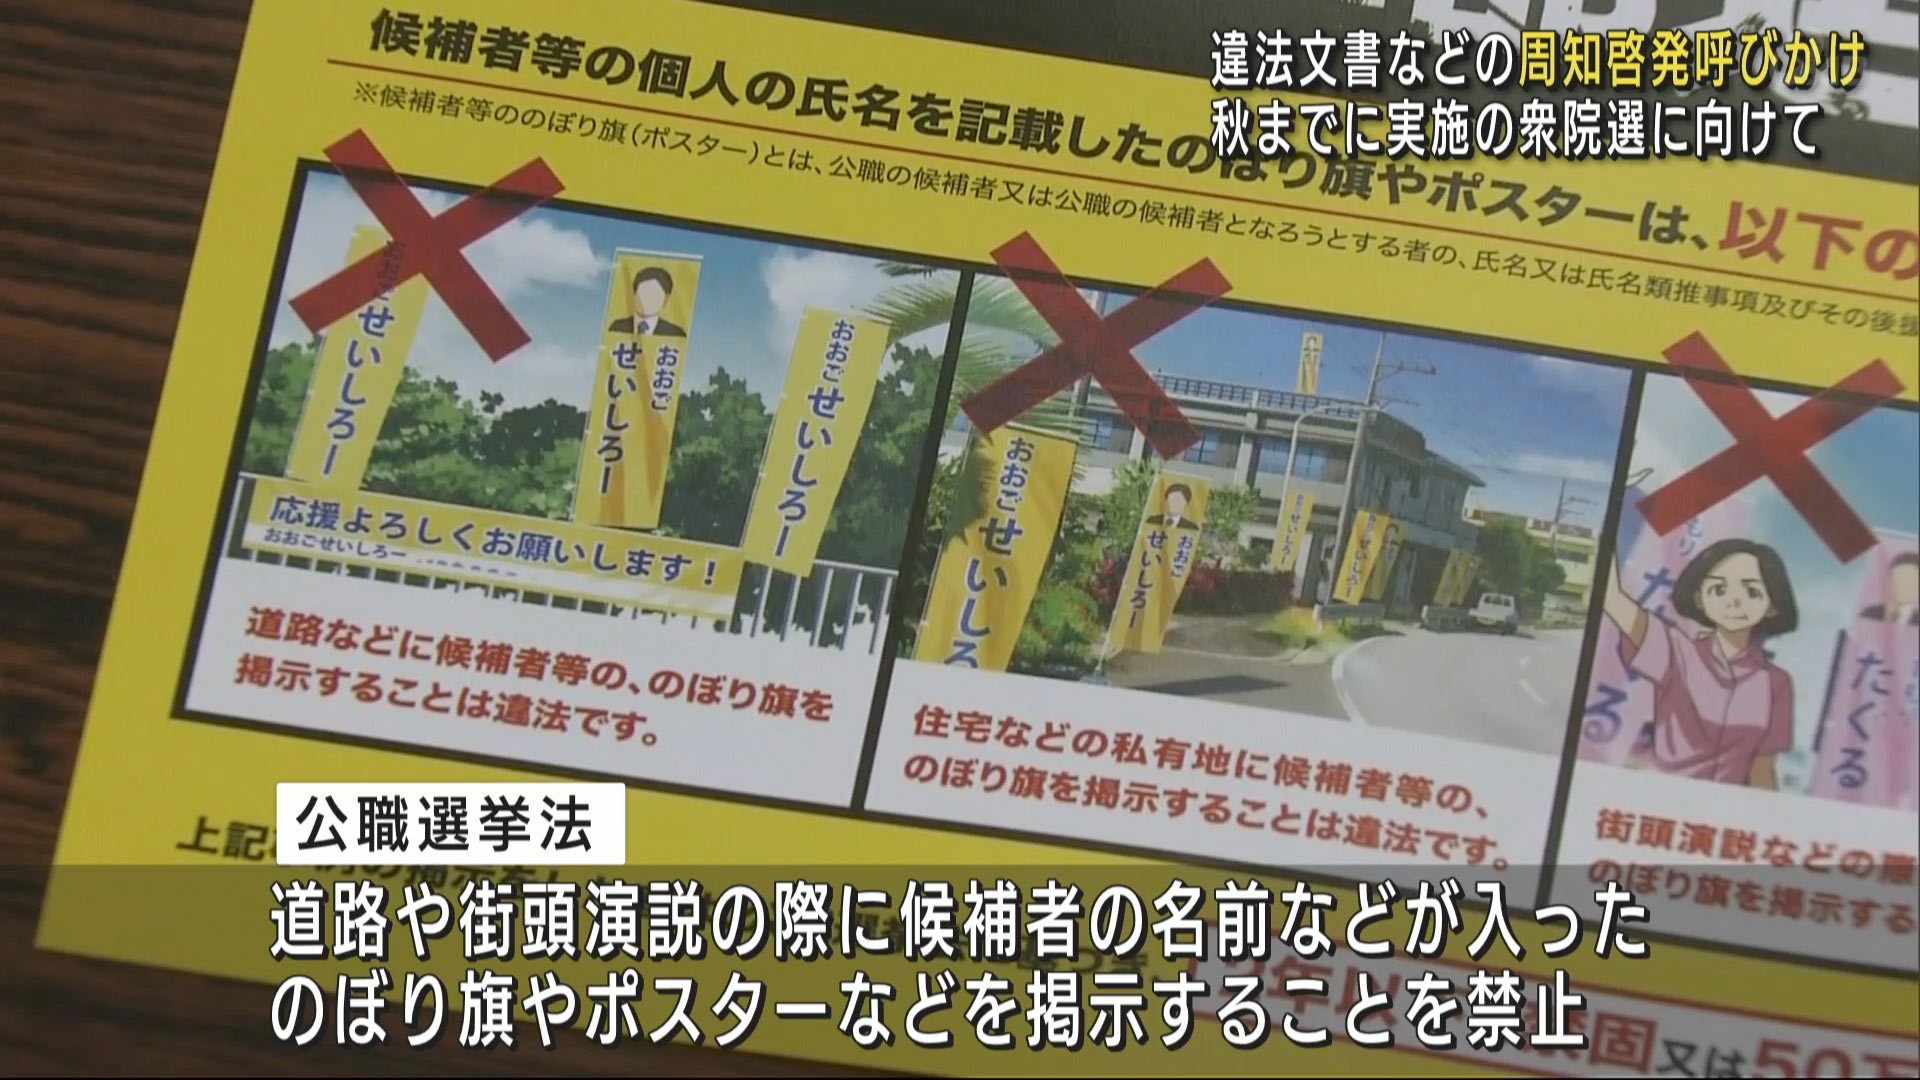 県選管 衆院選に向け違法ポスターなどの周知徹底